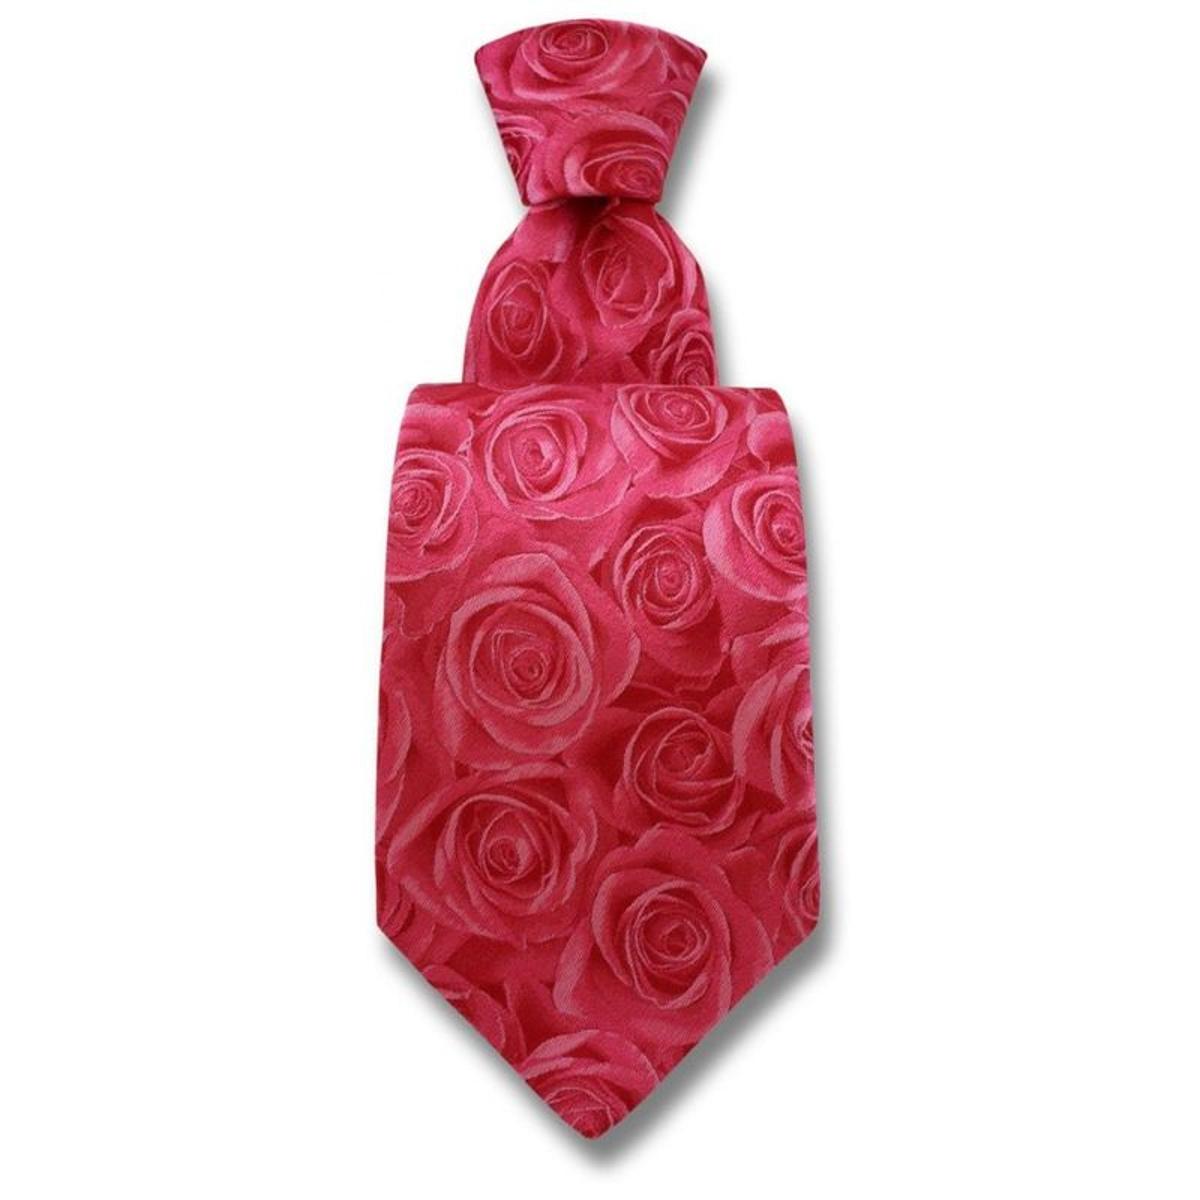 Cravate soie fleur de rose